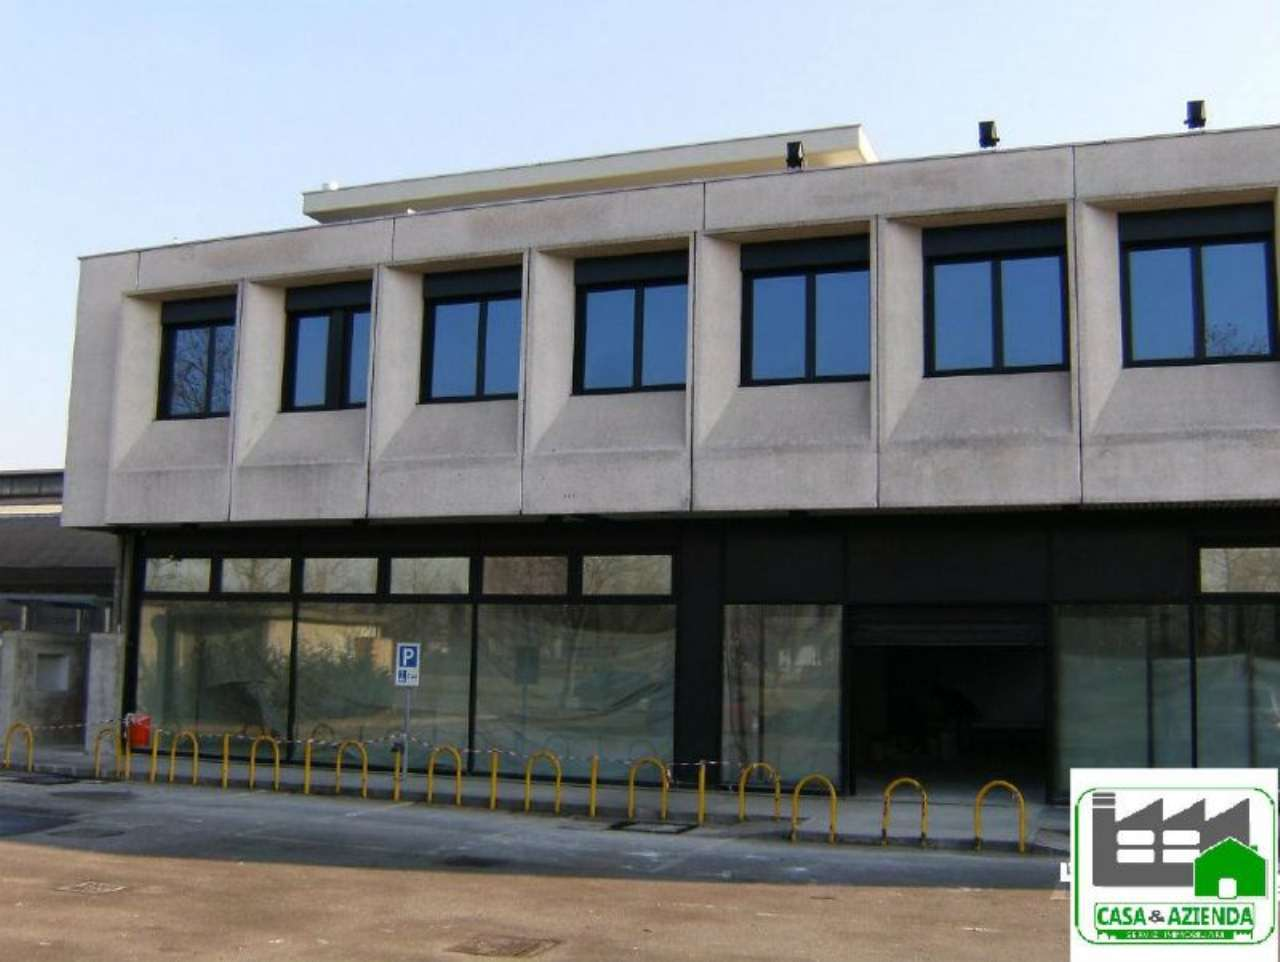 Ufficio / Studio in affitto a Cernusco sul Naviglio, 9999 locali, prezzo € 200.000 | Cambio Casa.it